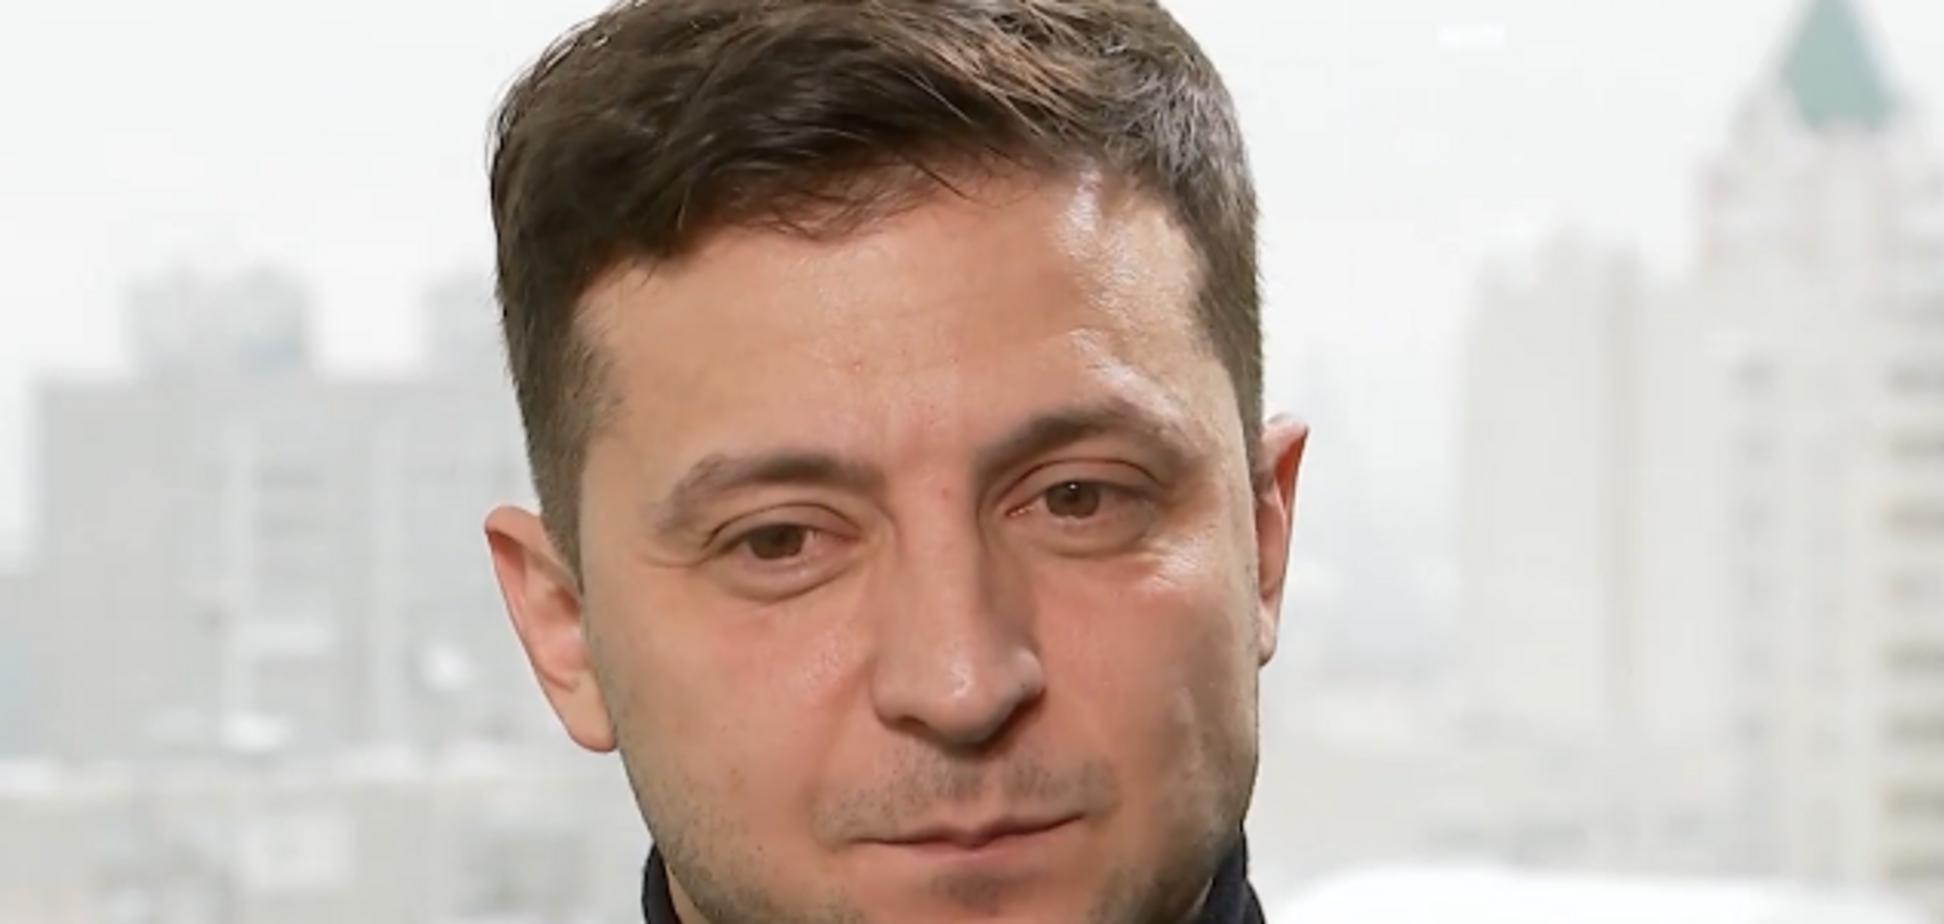 Зеленський: Порошенко мене кликав у списки БПП на виборах у 2014 році